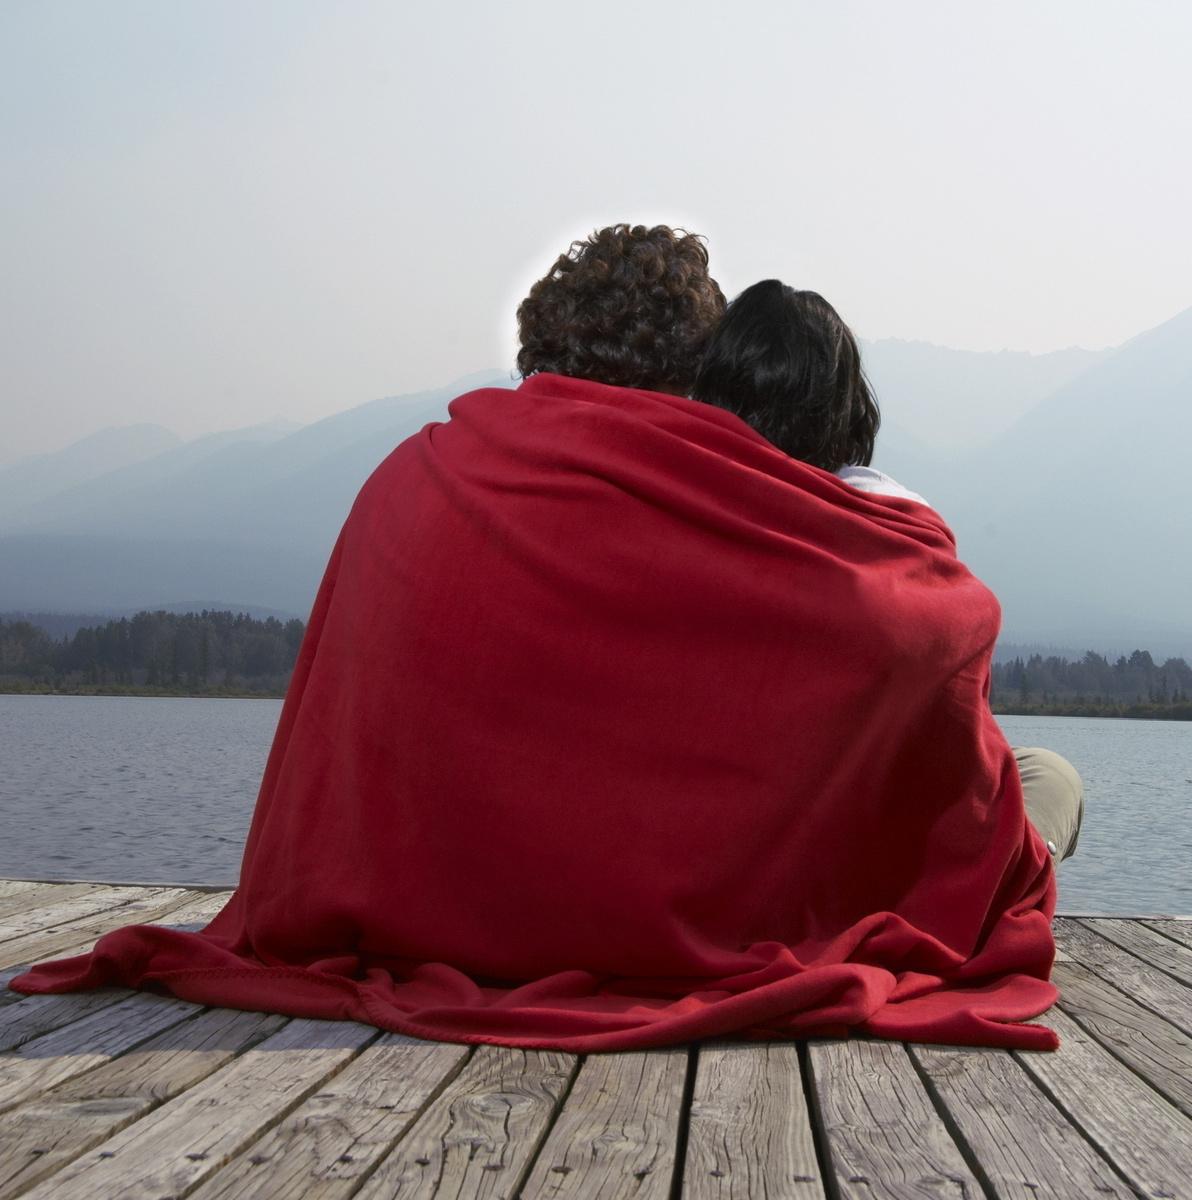 агенство знакомств тест на совместимость